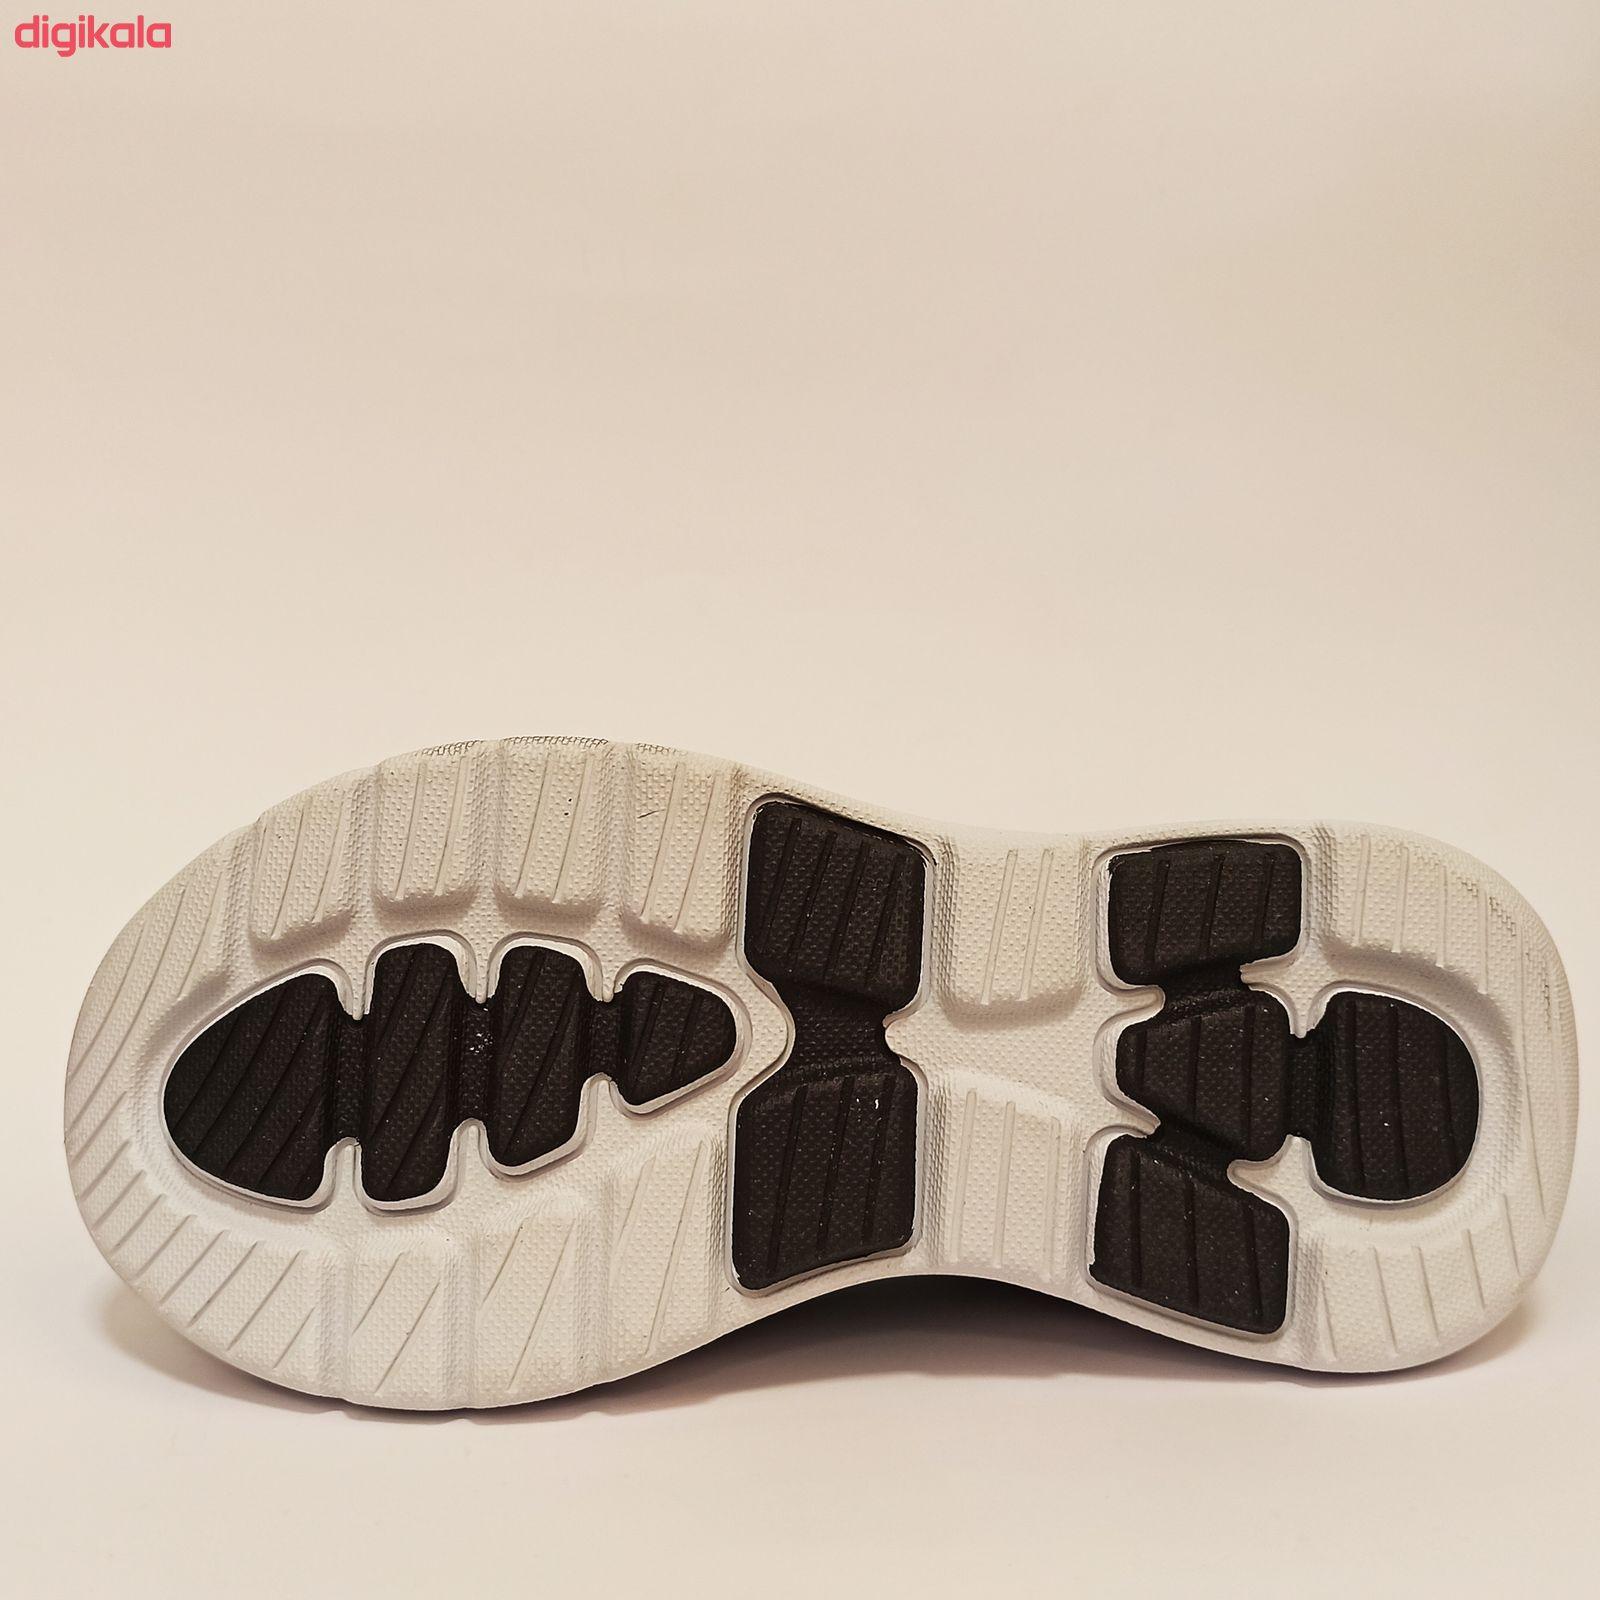 کفش راحتی مدل gowalk19 main 1 3